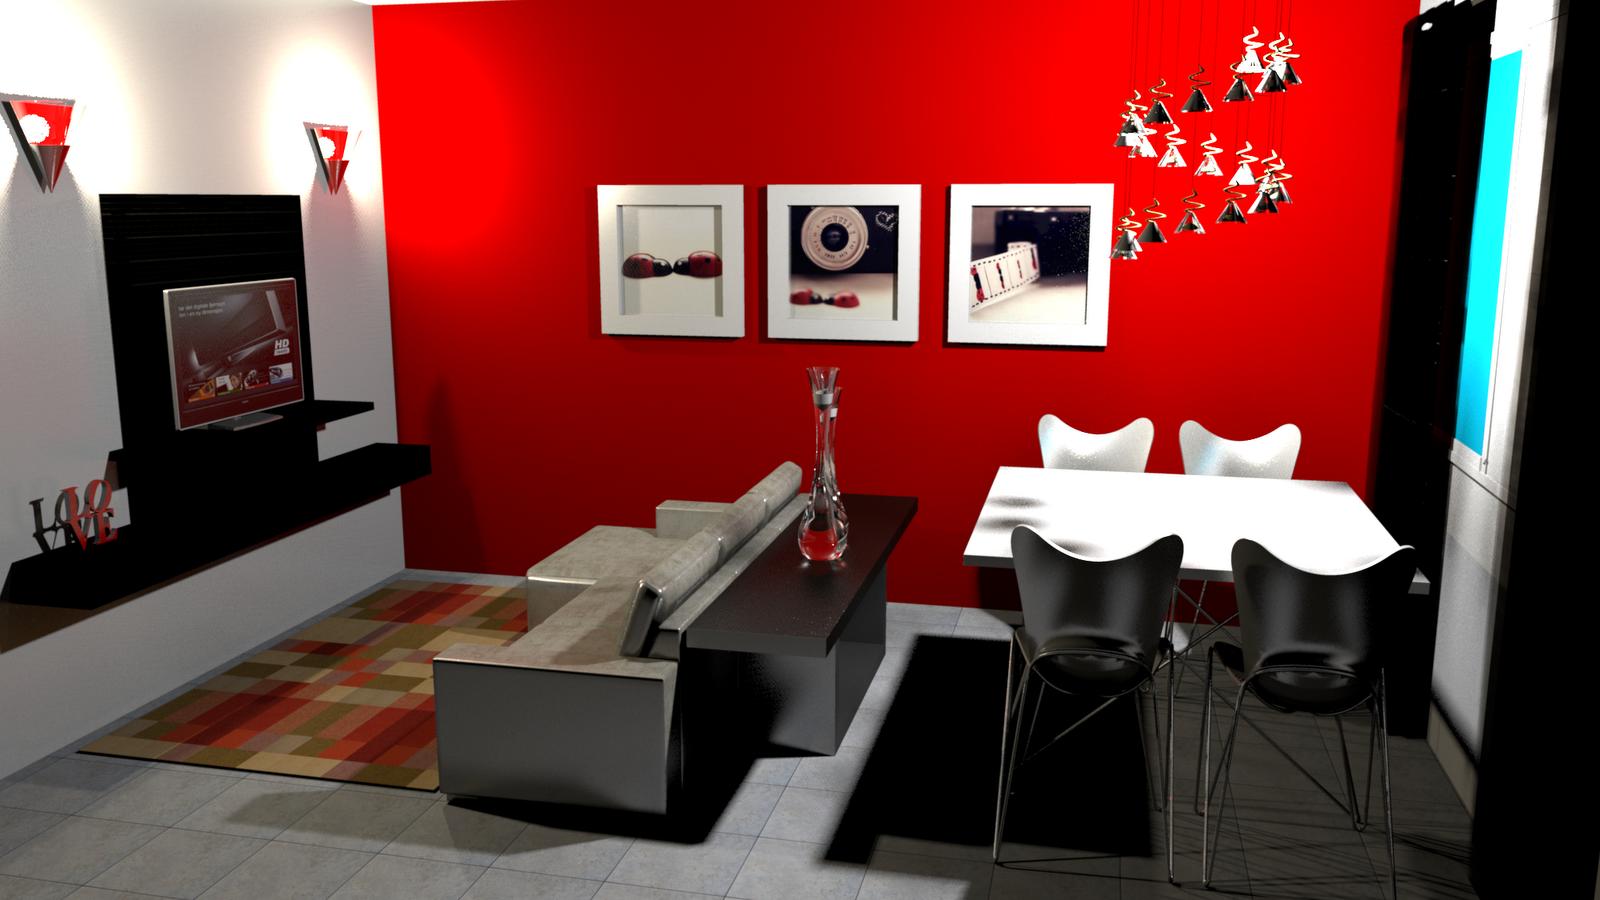 Decoracao De Sala Vermelho ~ decoracao de sala vermelho e pretoAteliê Casinha de Boneca Projetos